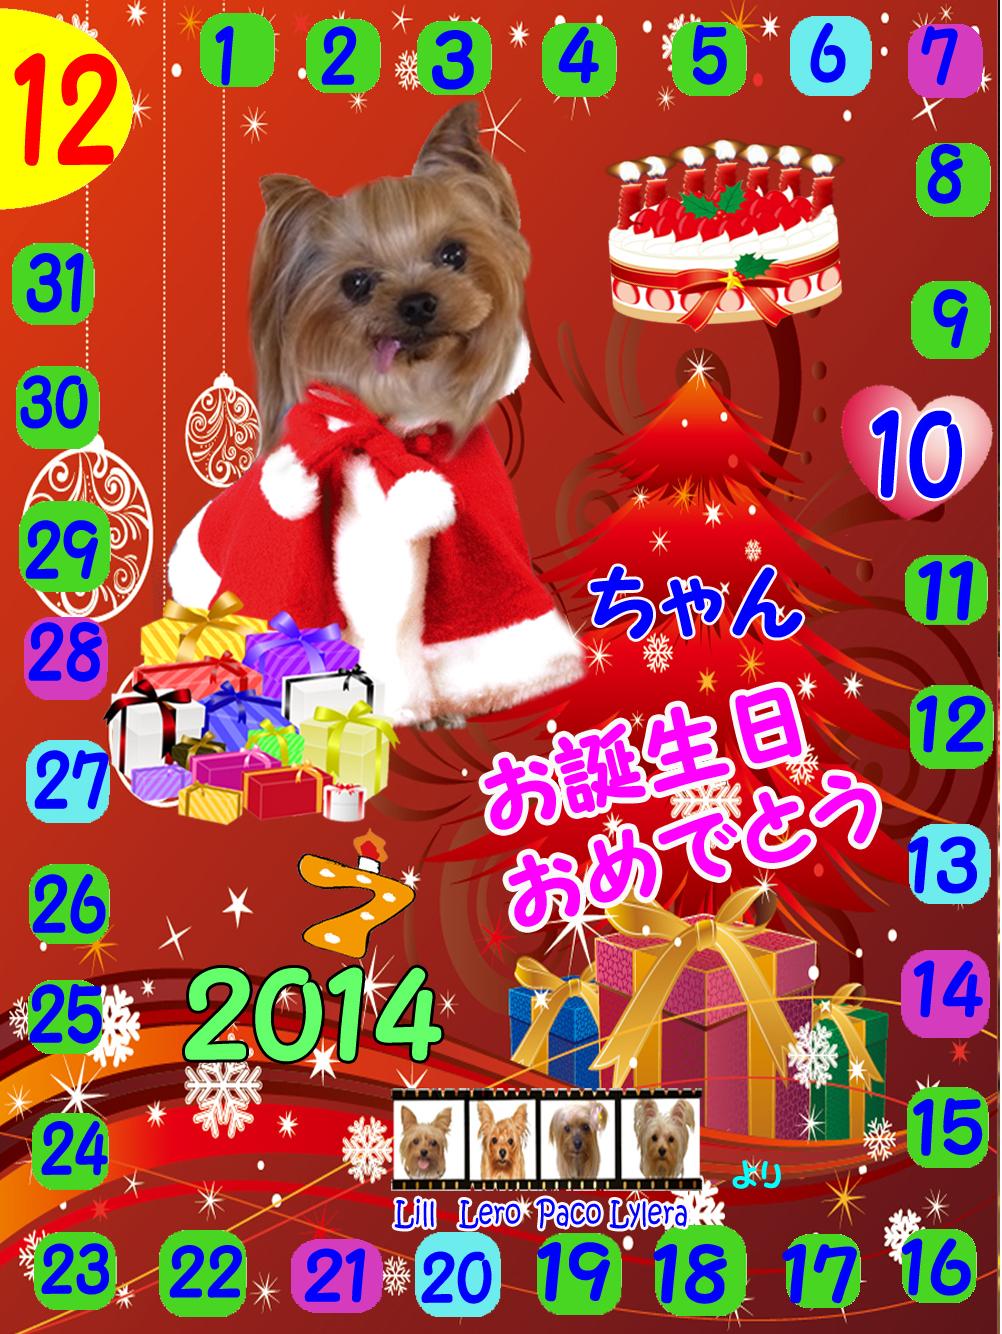 12-10-2014リヨンちゃん誕生日カード